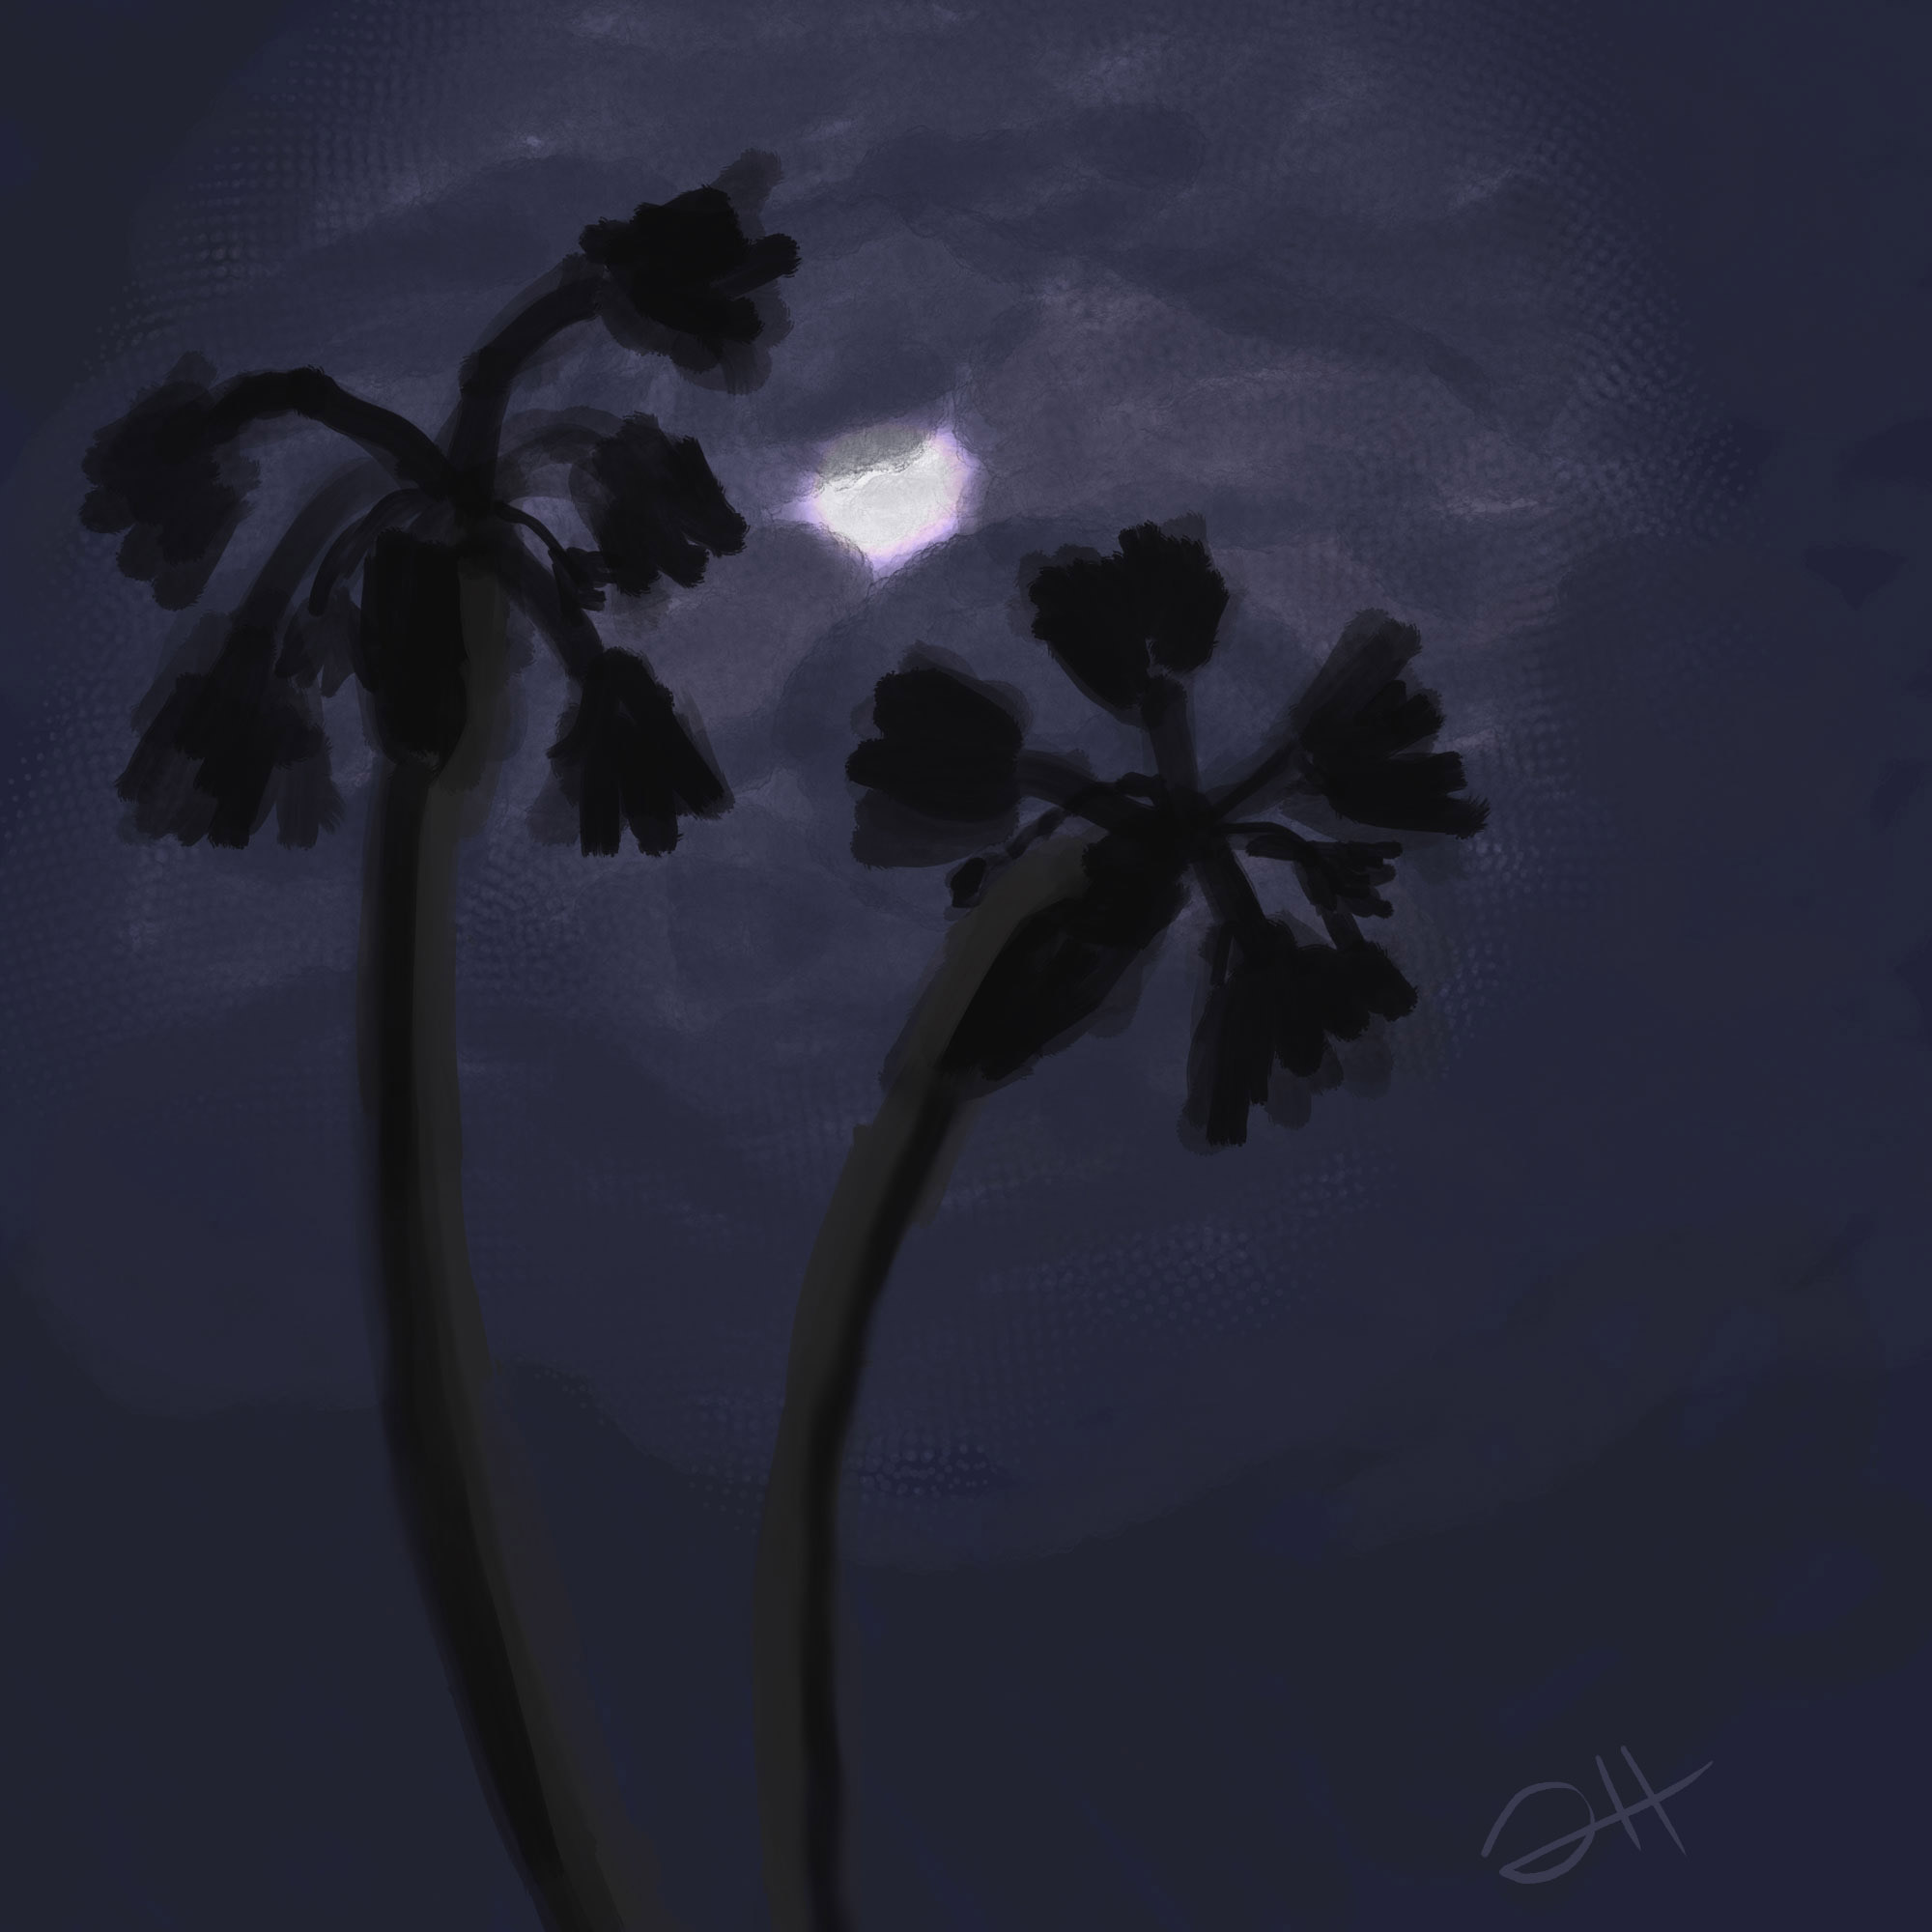 NightCloud.jpg